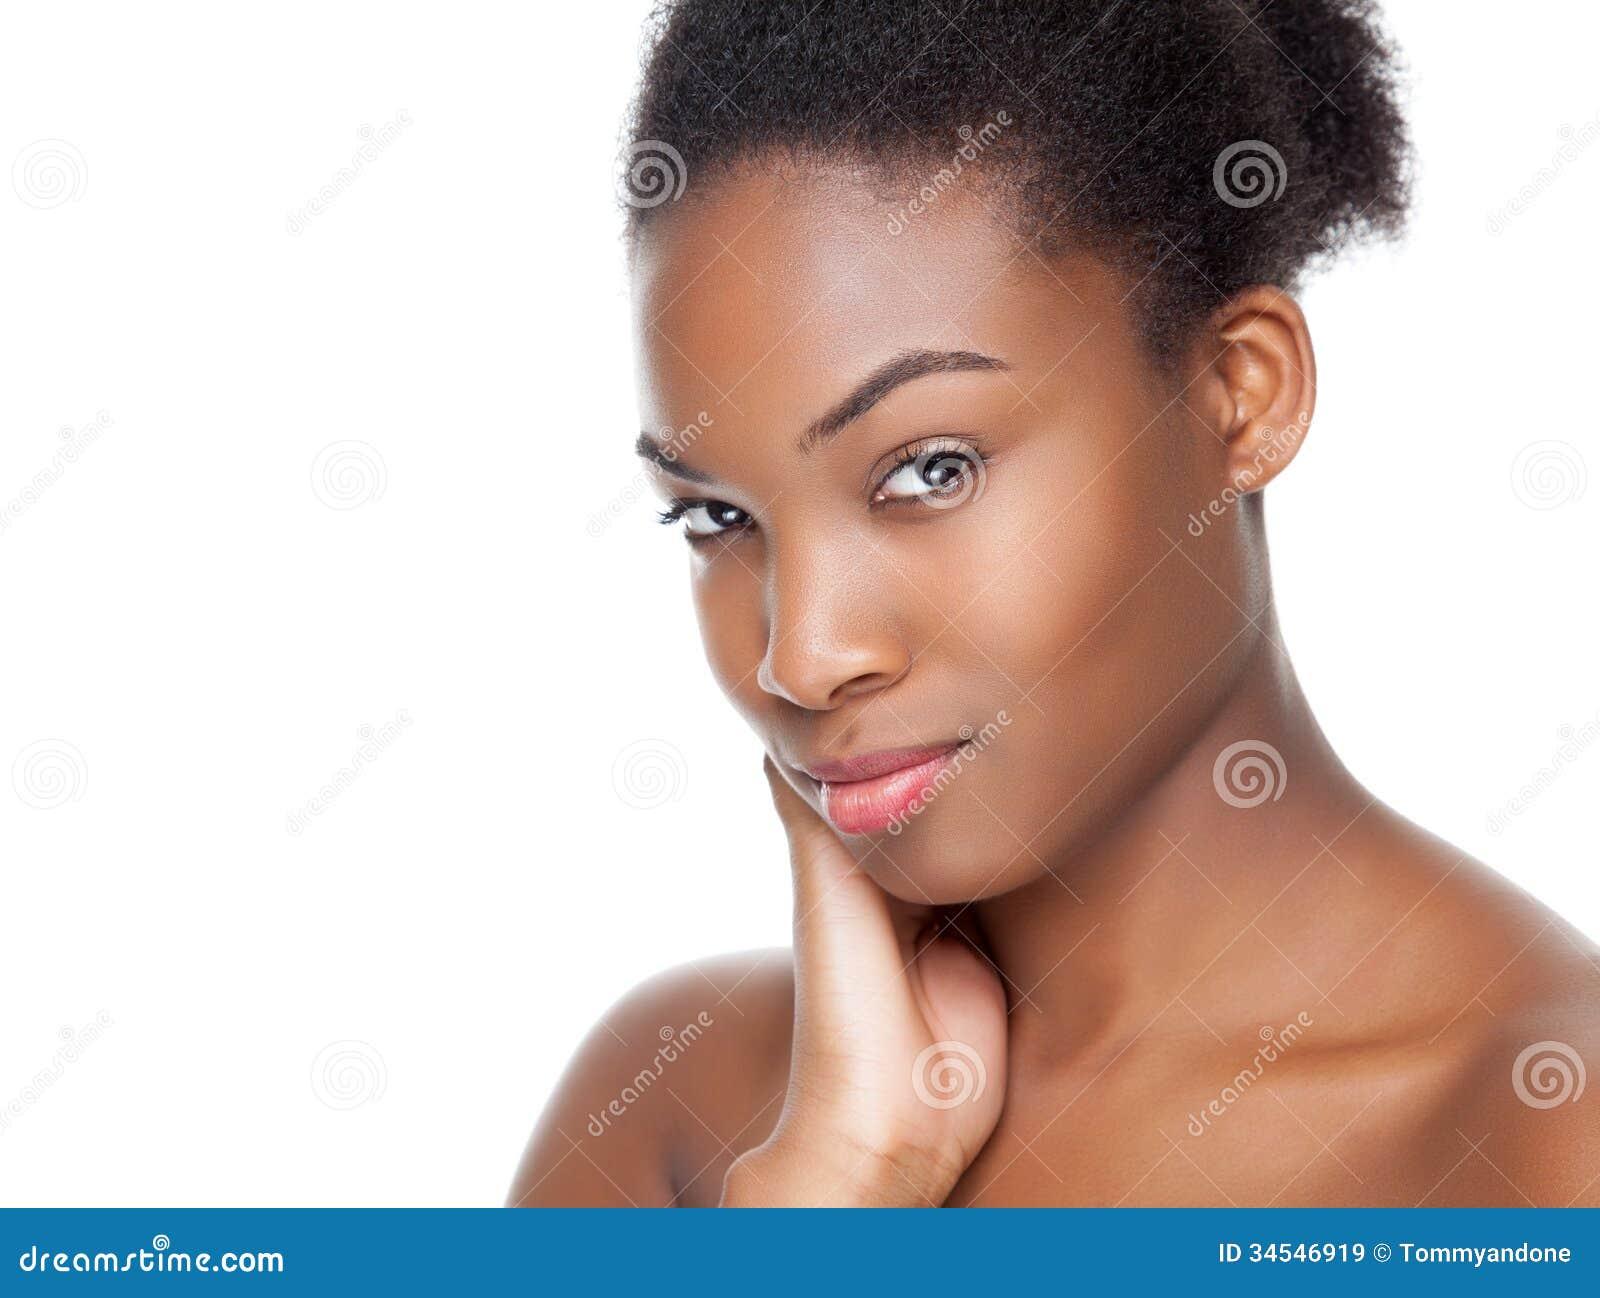 black beauty online